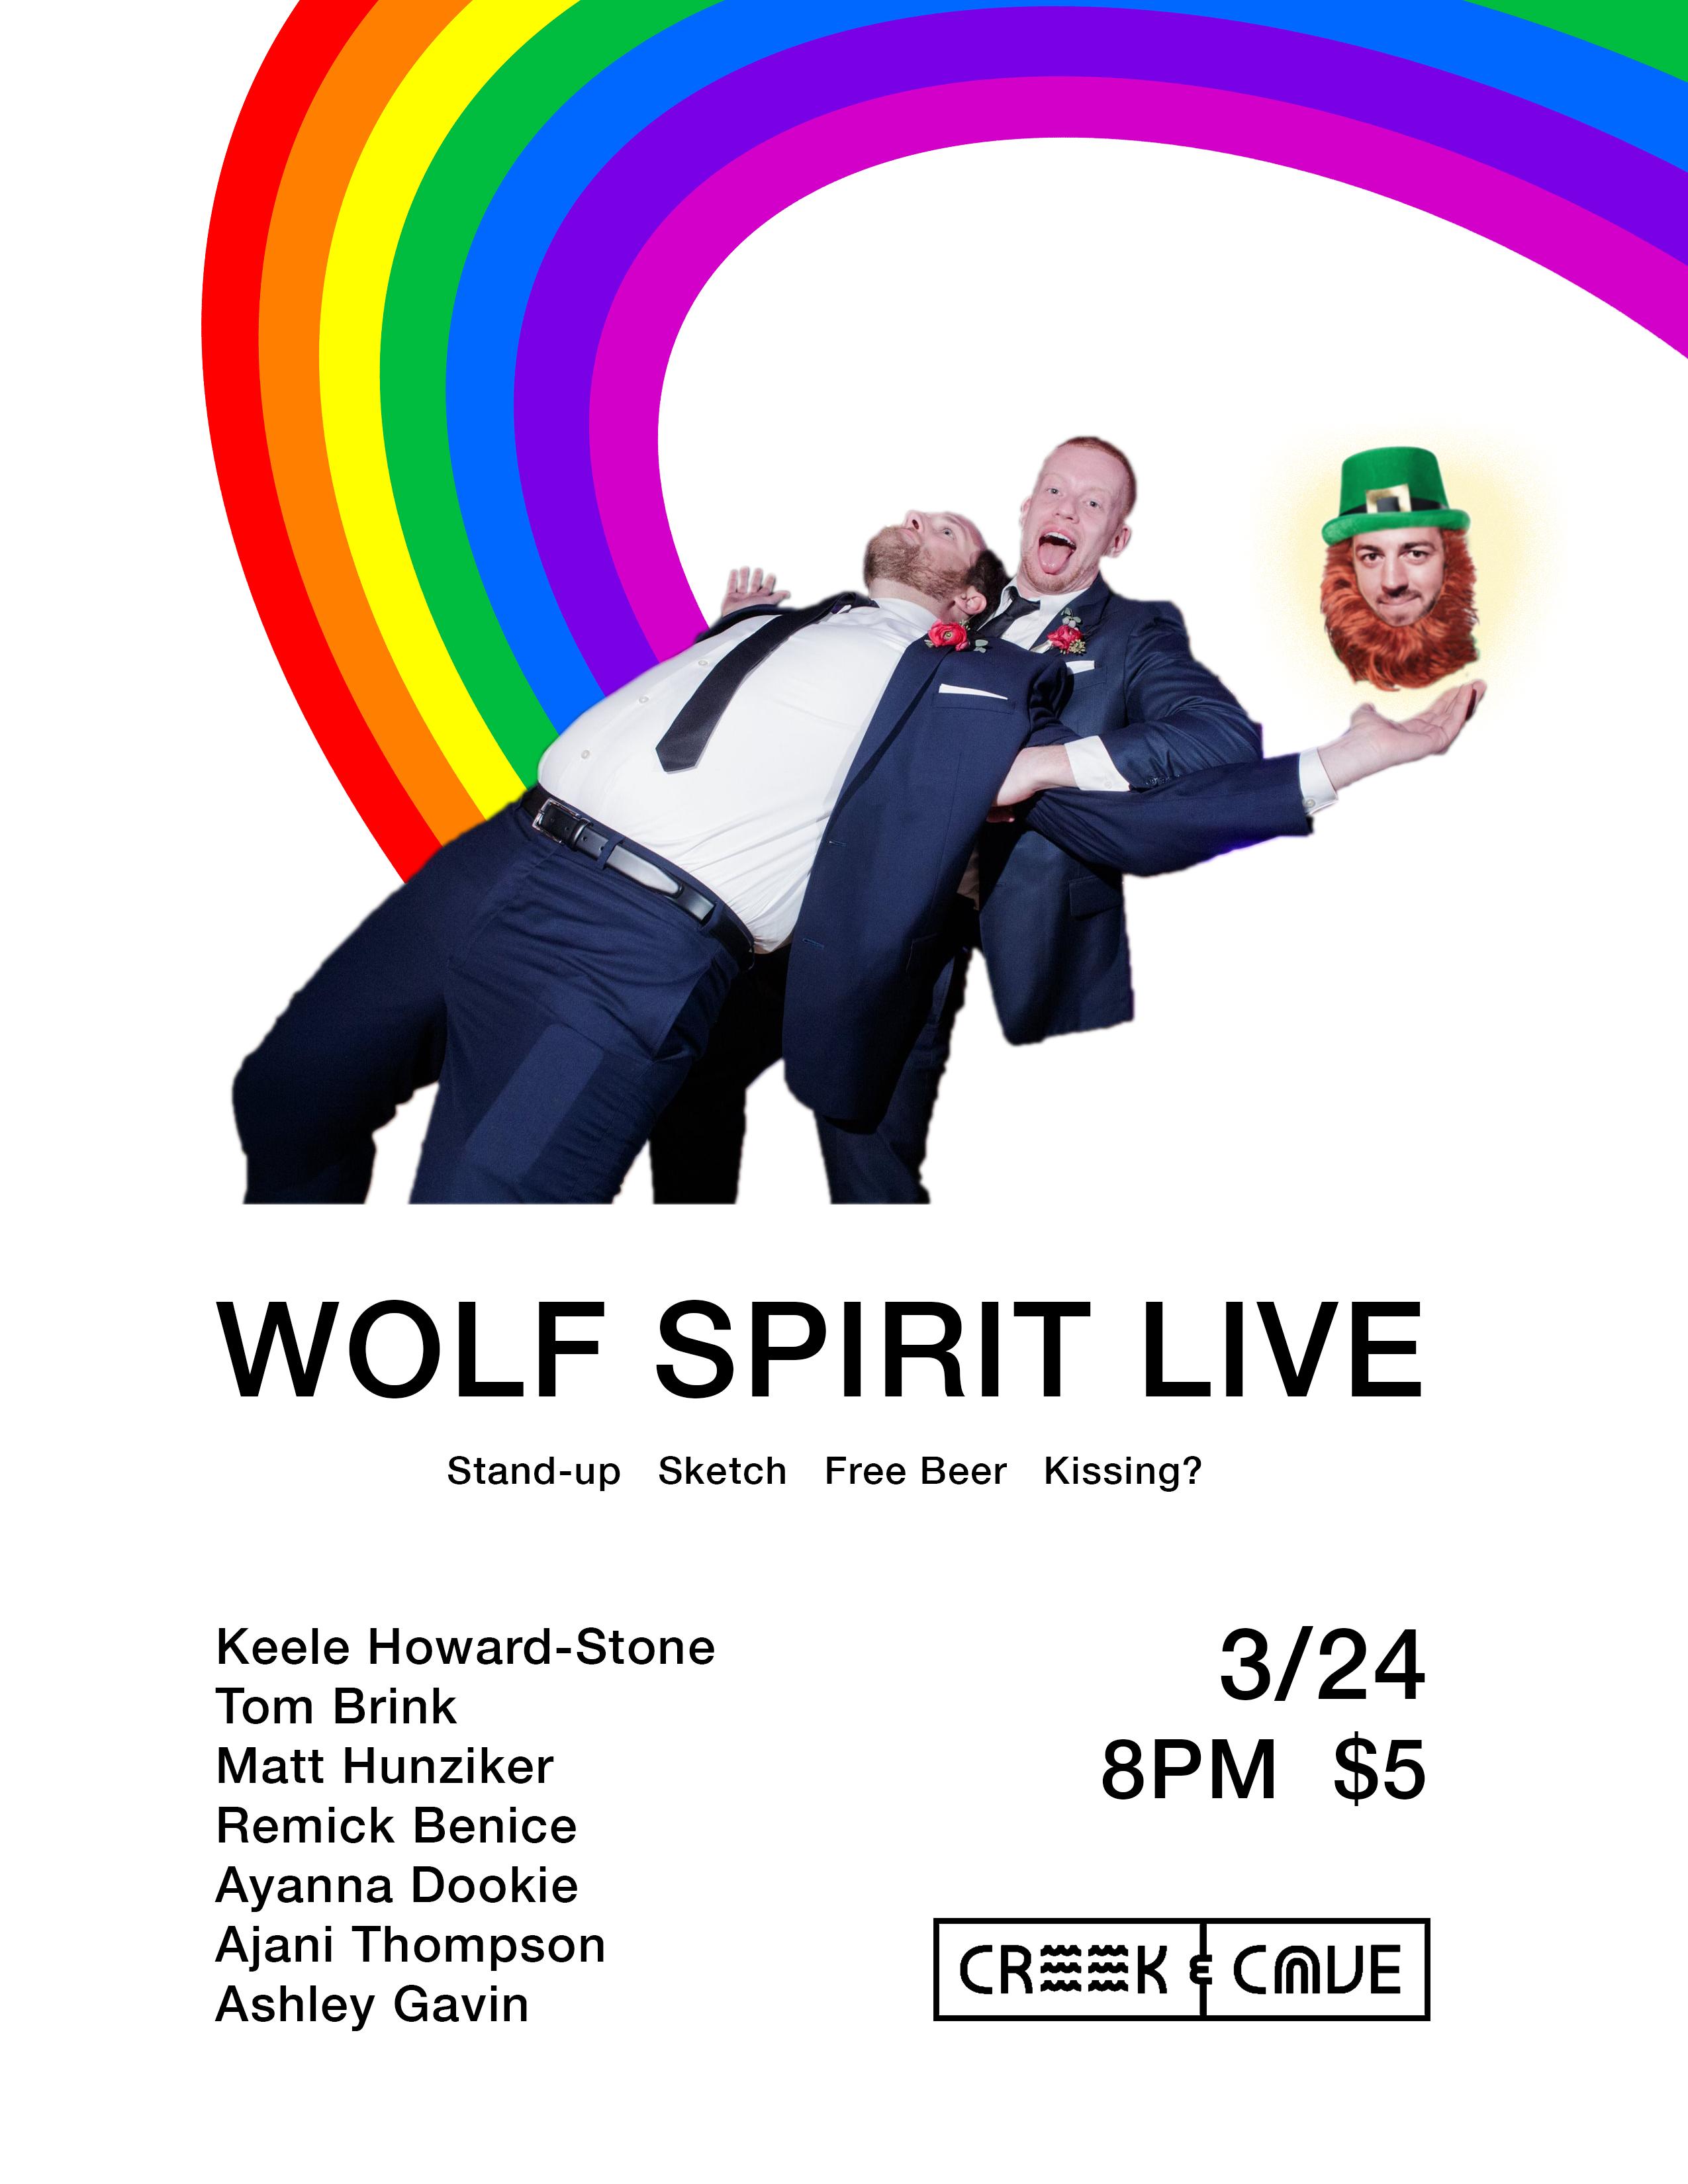 Wolf Spirit Live 3/24